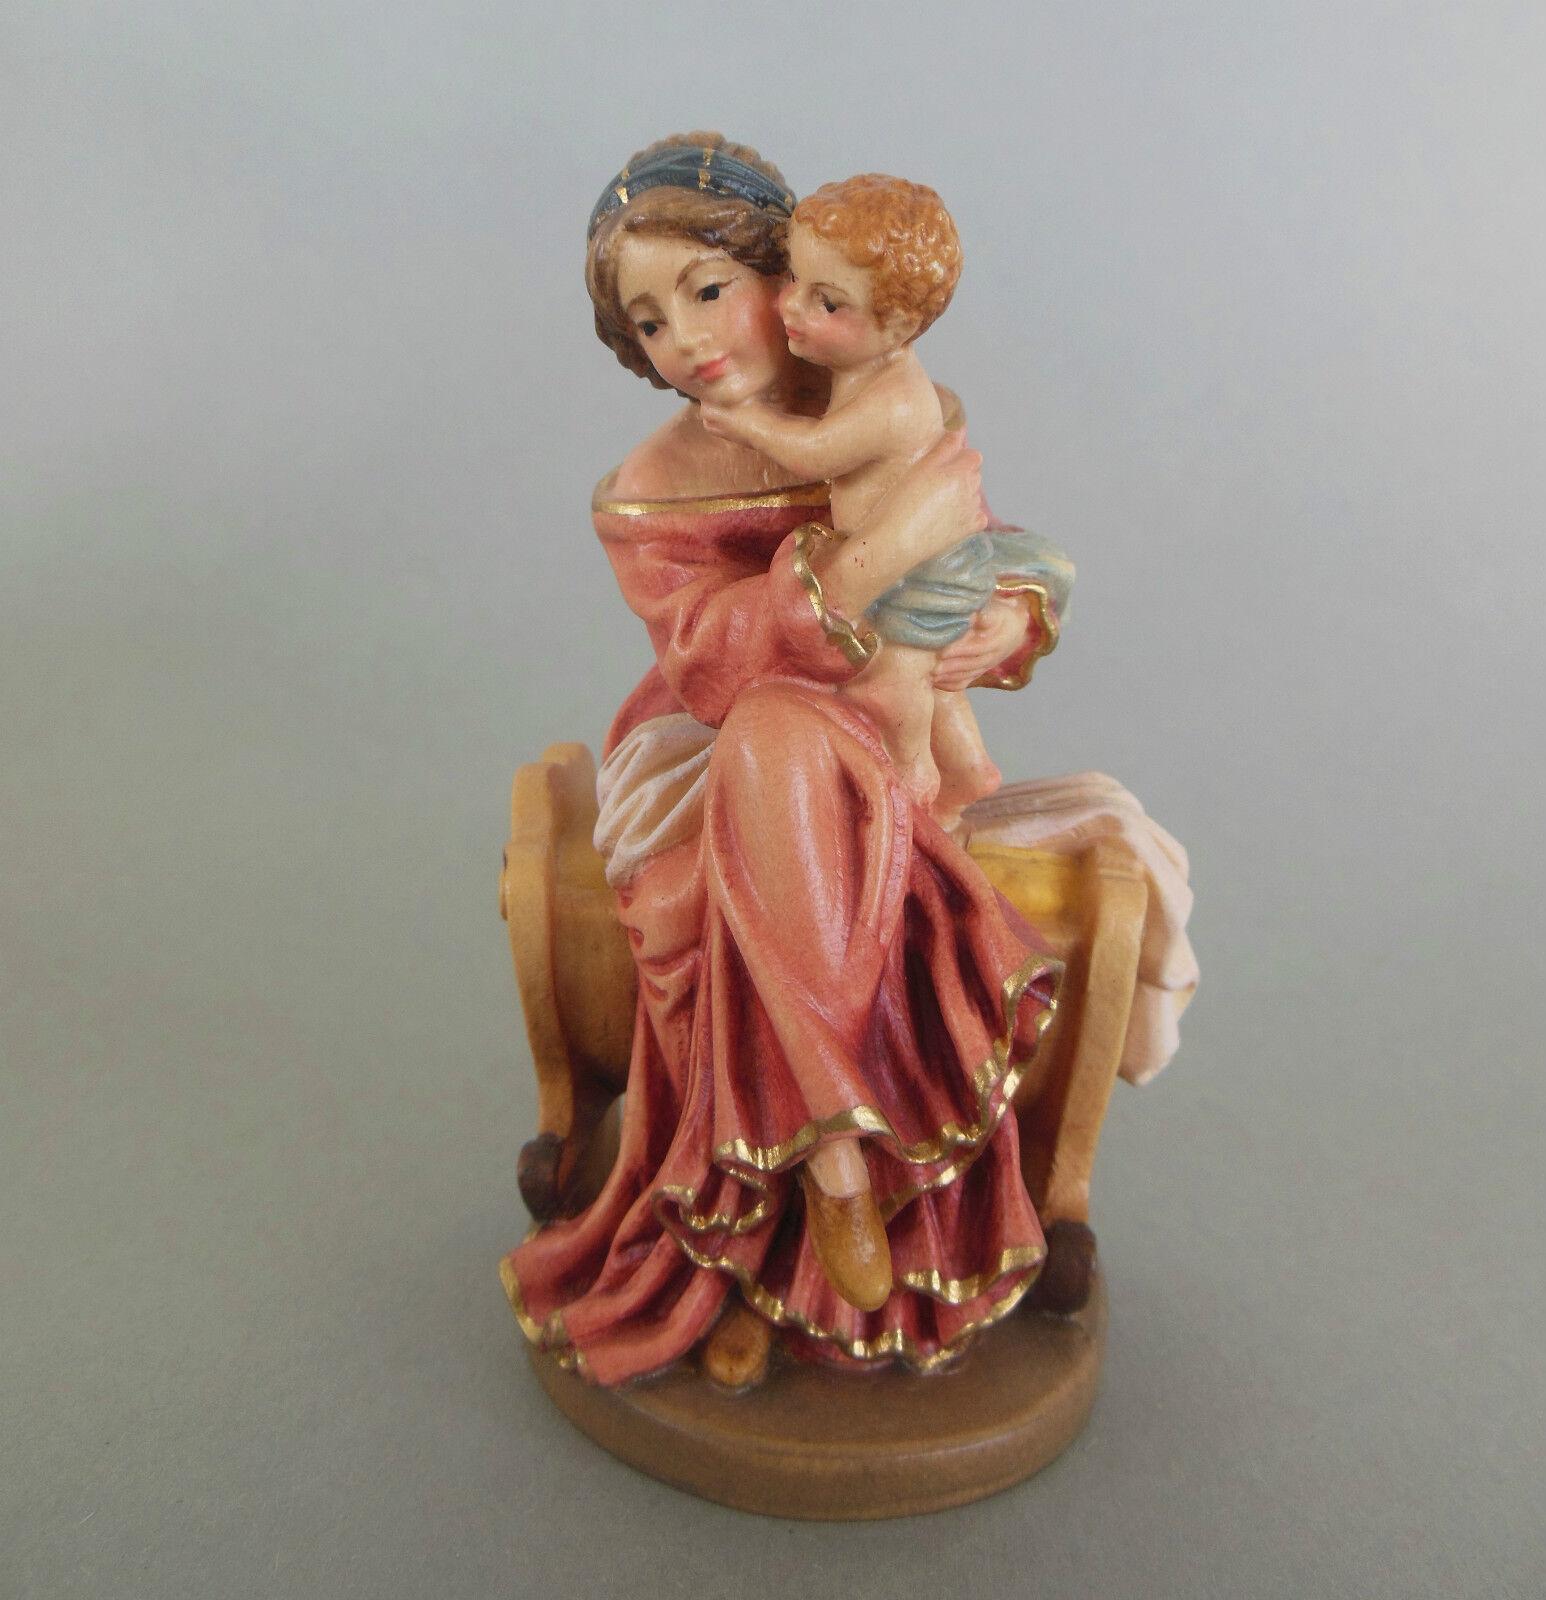 Mutter mit Kind auf Wiege sitzend, Mutterliebe, ca. 10 cm hoch, Holz bemalt